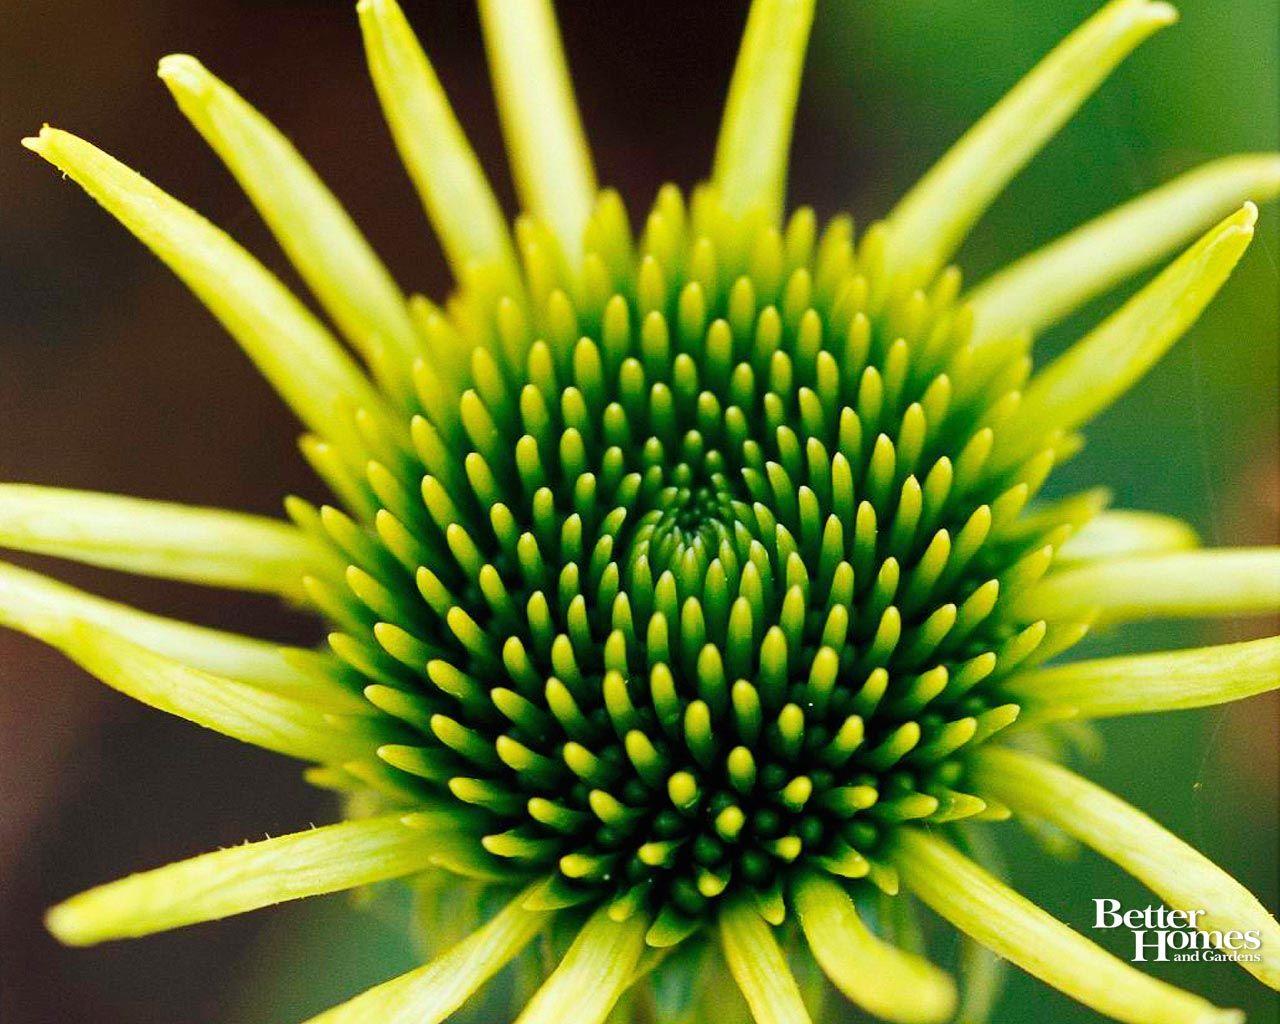 Park Art|My WordPress Blog_Better Homes And Gardens Desktop Wallpaper